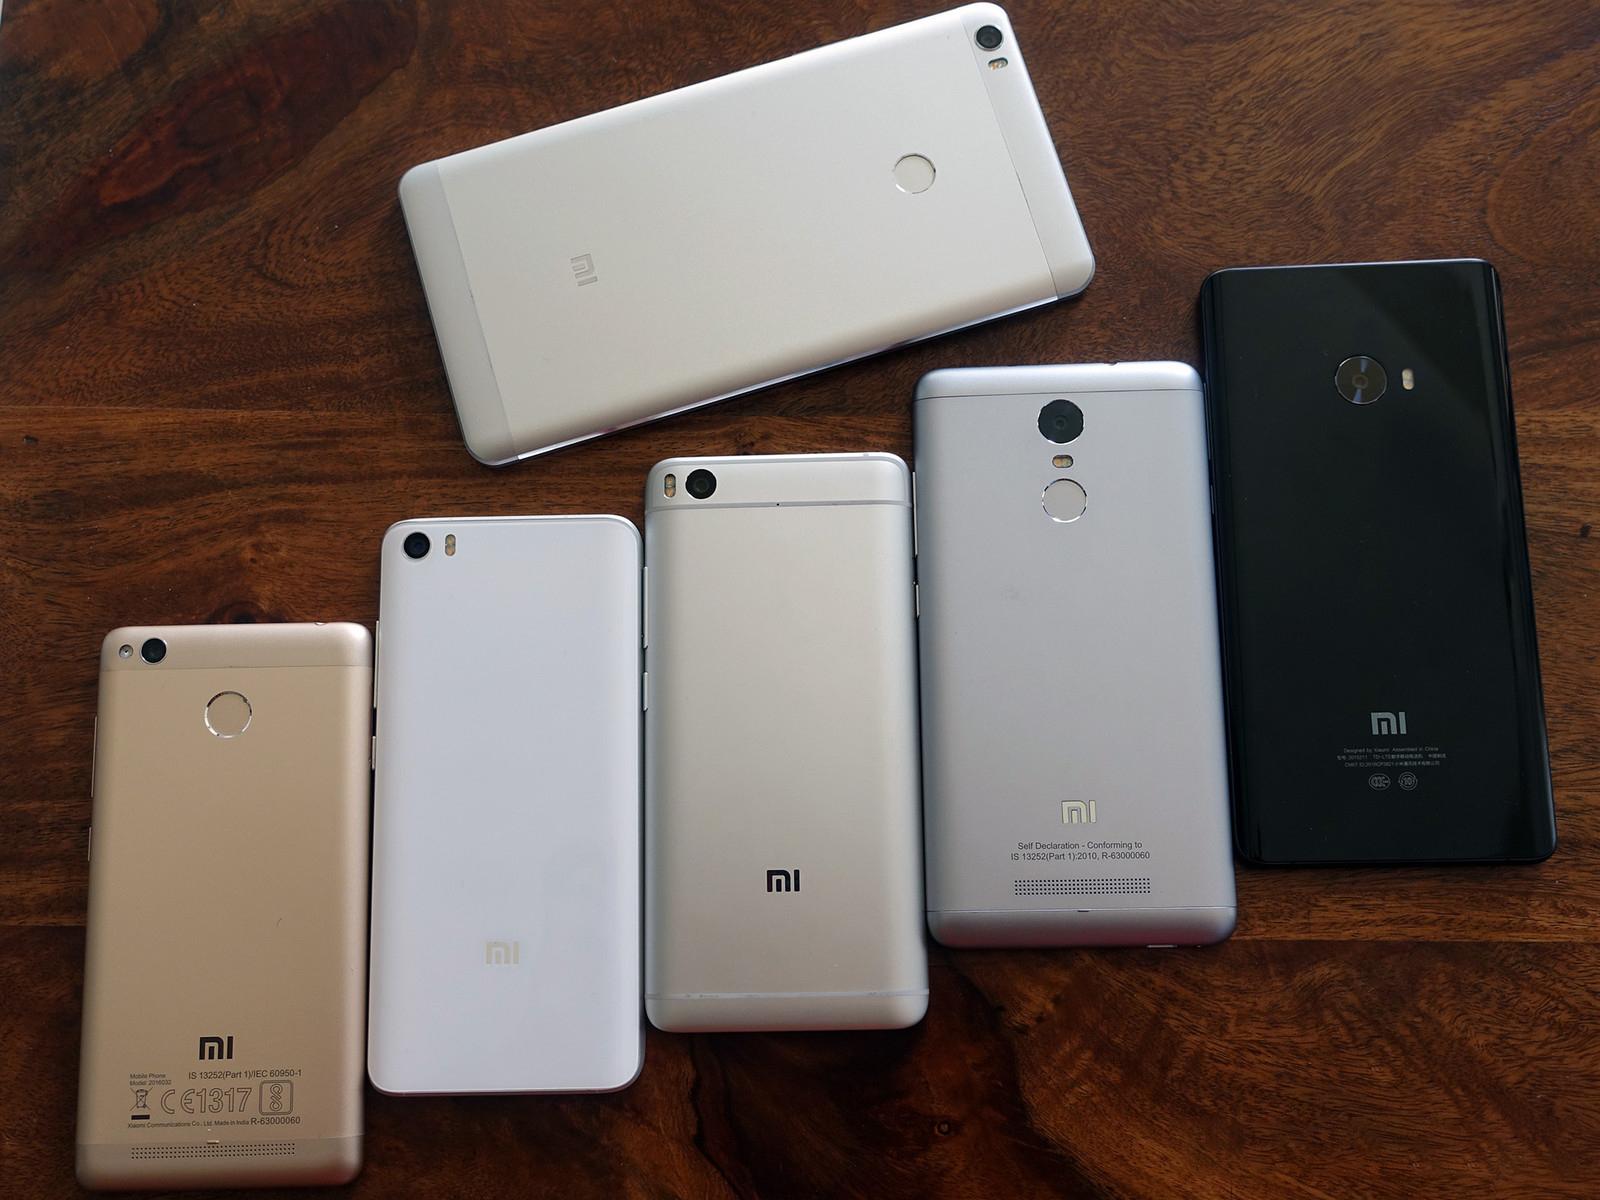 Imagem de Pacote surpresa traz celular da linha Xiaomi Redmi por R$ 345 na GearBest no tecmundo